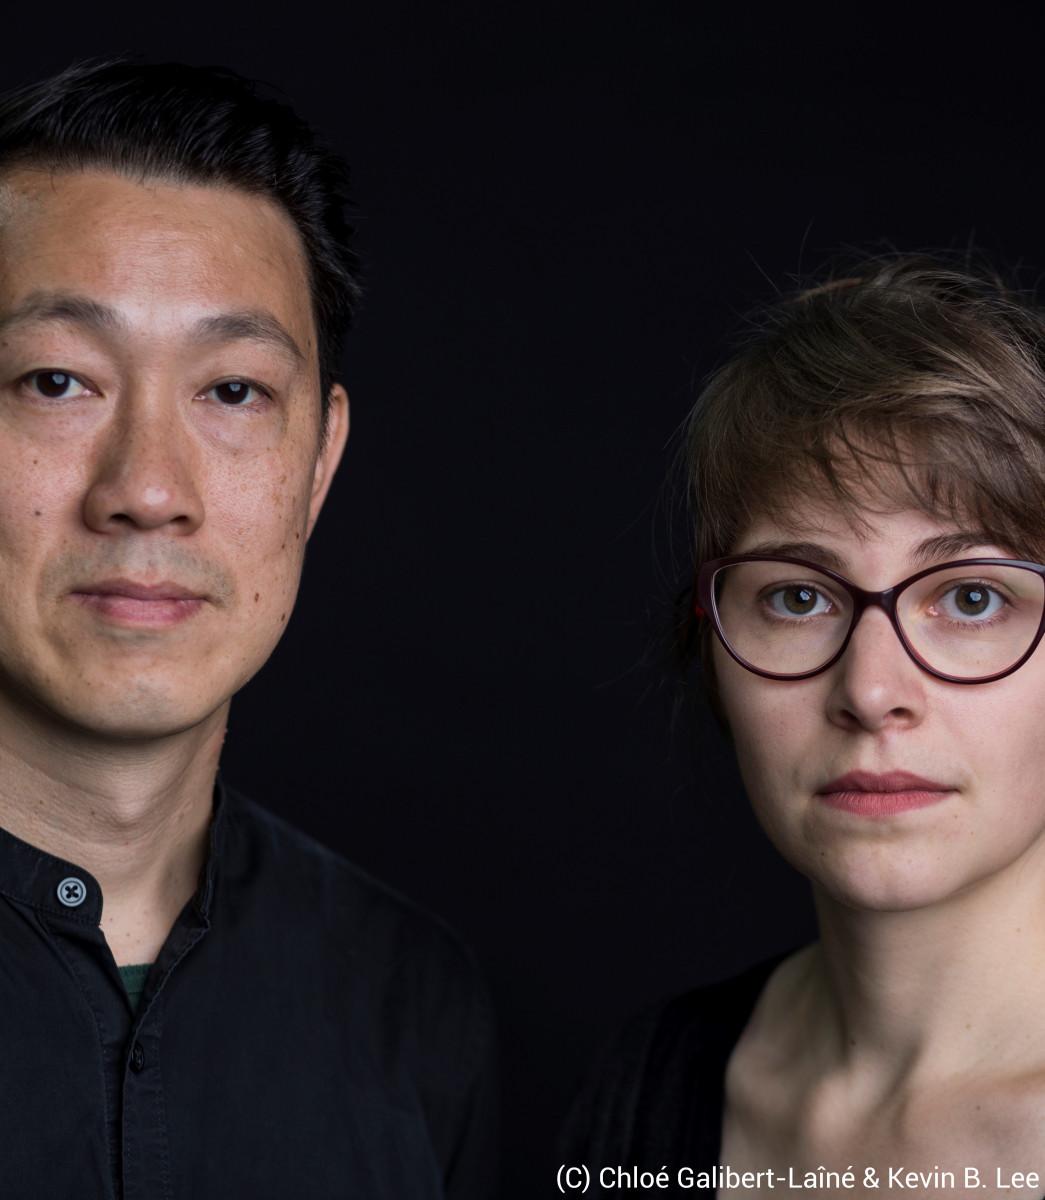 Chloé Galibert-Laîné & Kevin B. Lee